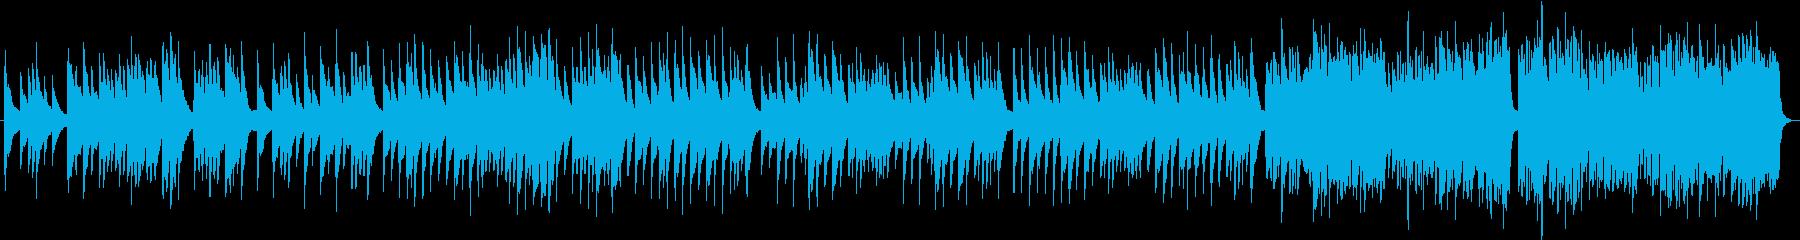 お正月の歌2曲メドレー(琴,笛)の再生済みの波形